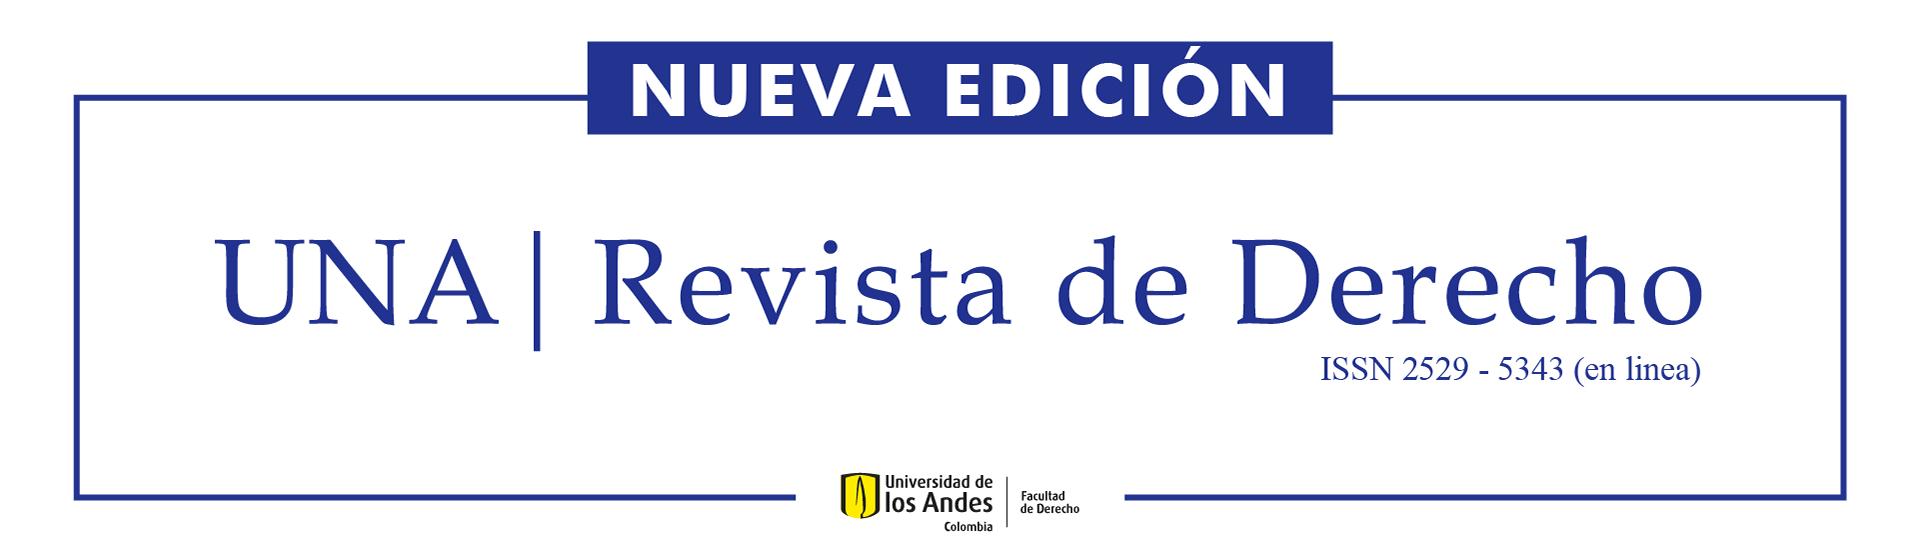 UNA Revista de Derecho edición 4